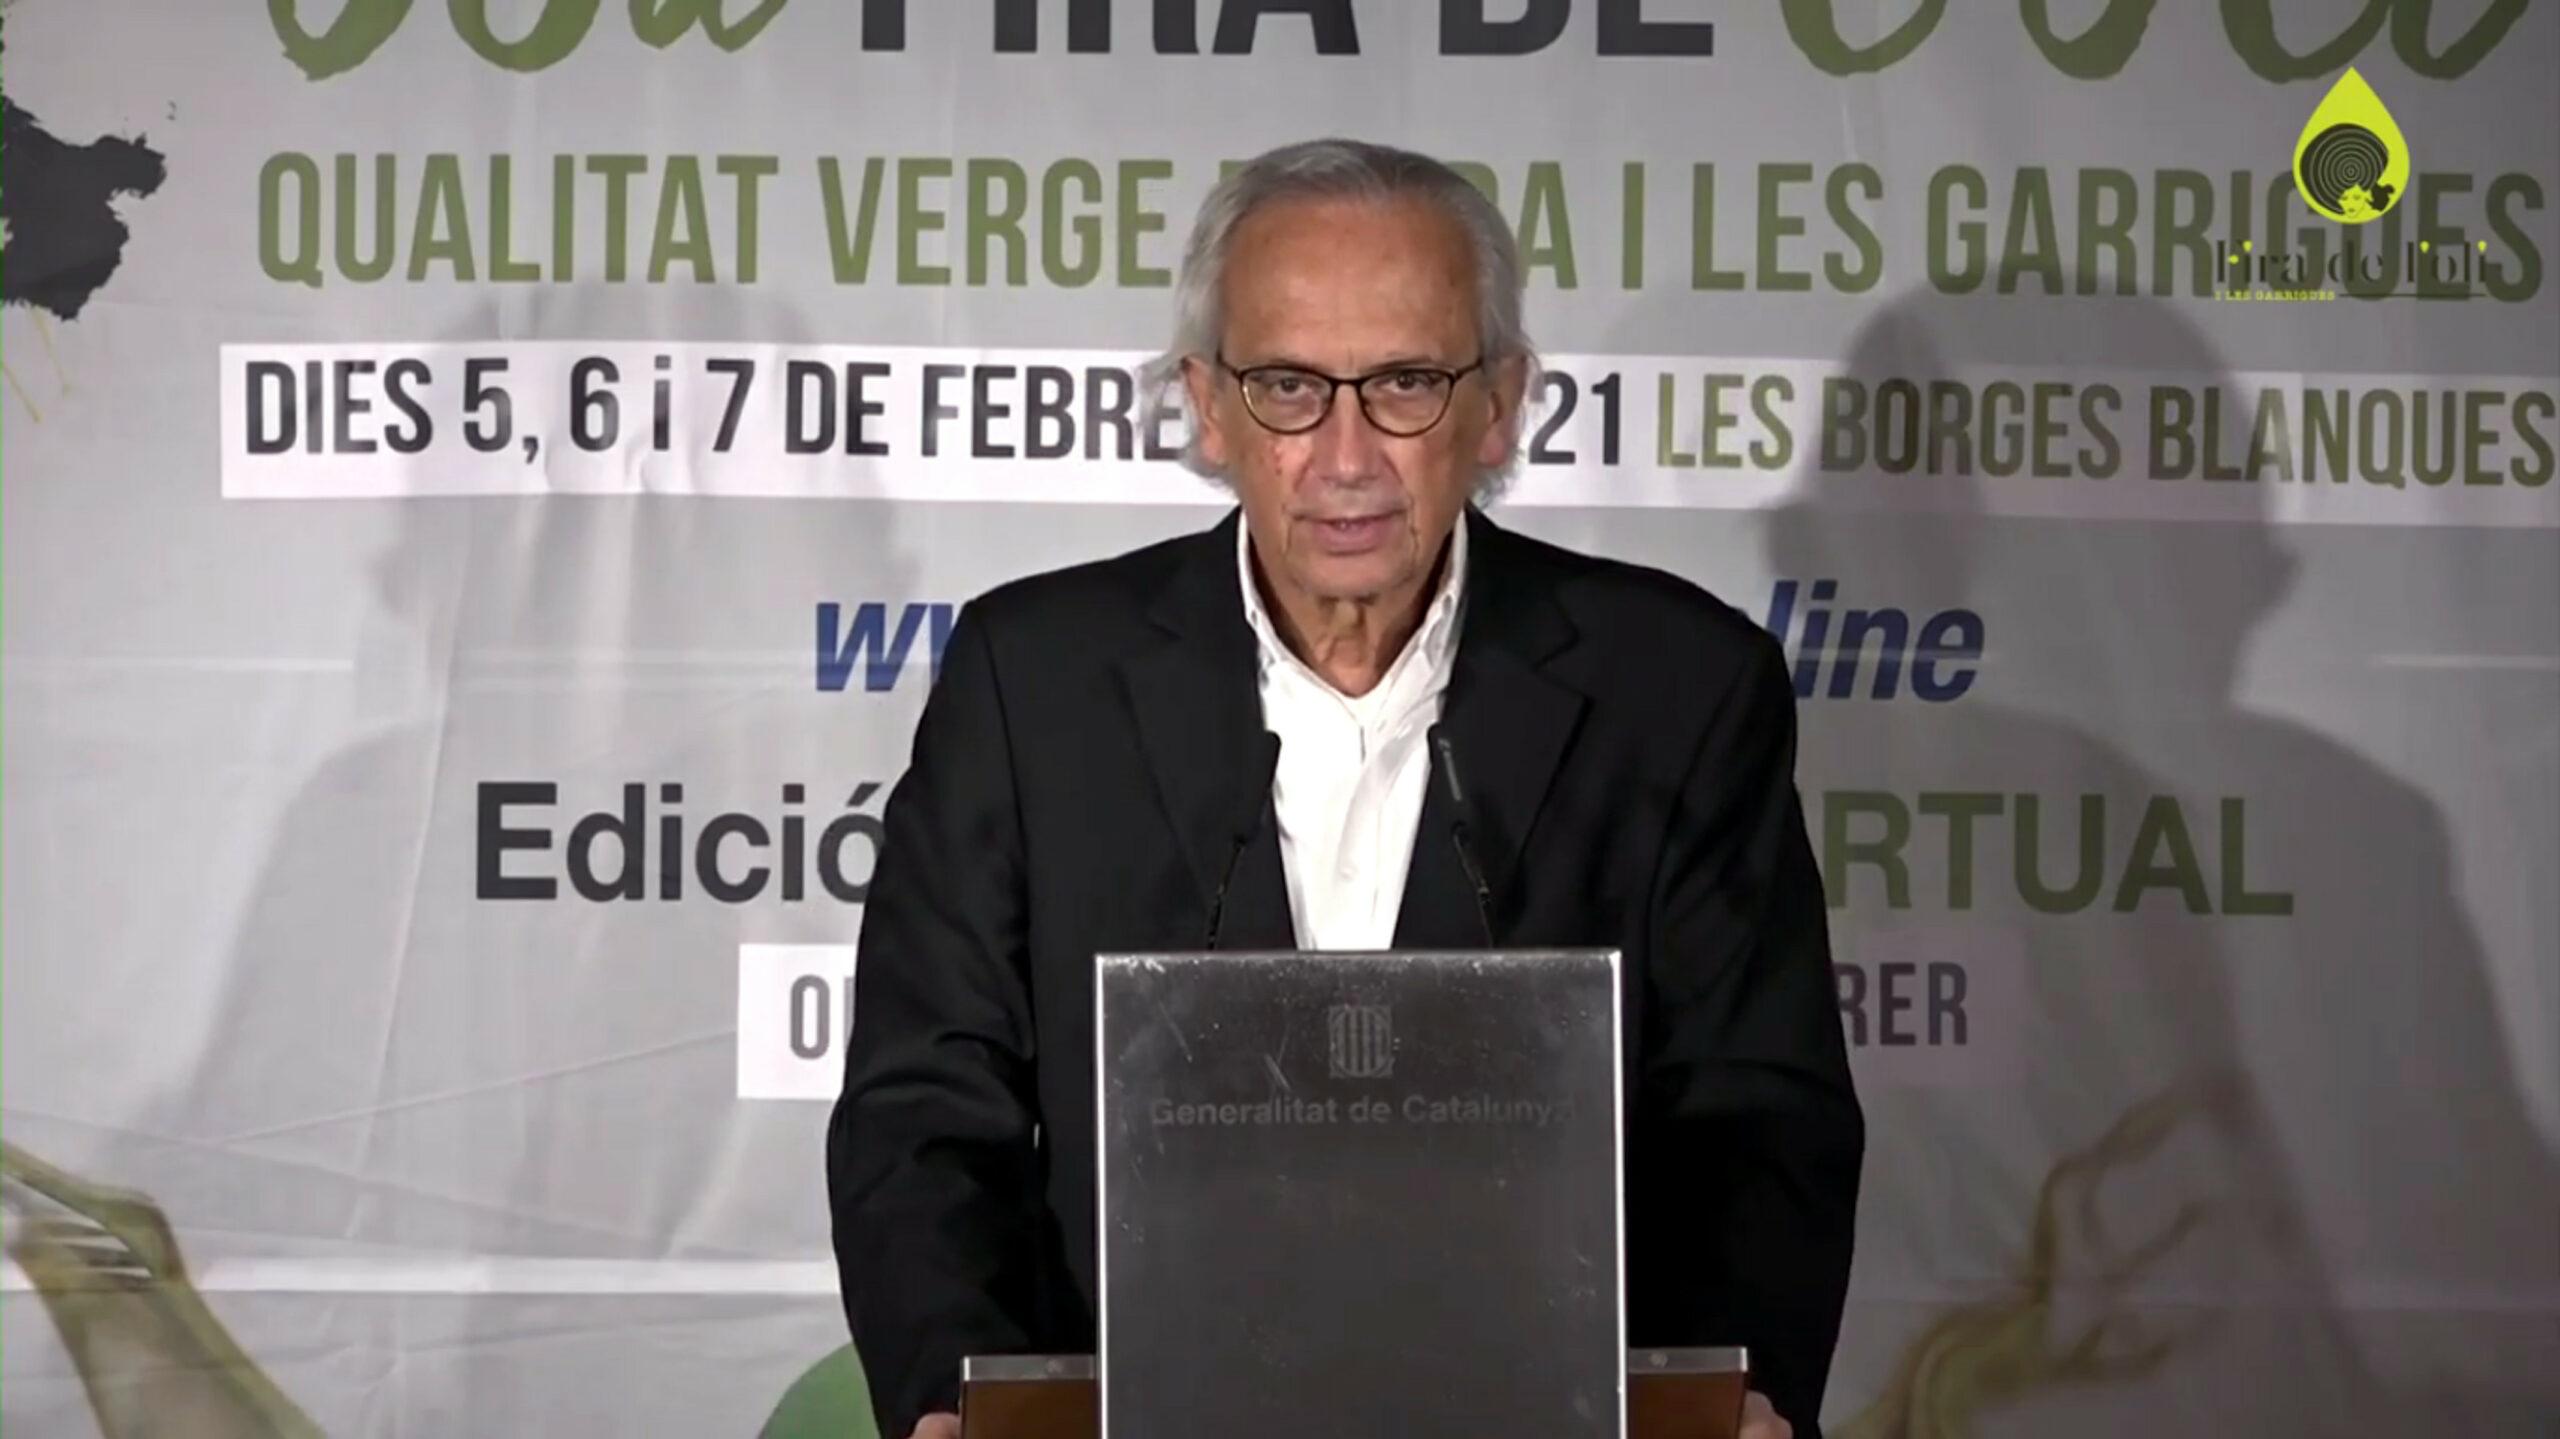 La conferència inaugural de la 58a Fira de l'Oli i les Garrigues, a càrrec del doctor Bonaventra Clotet   ACN